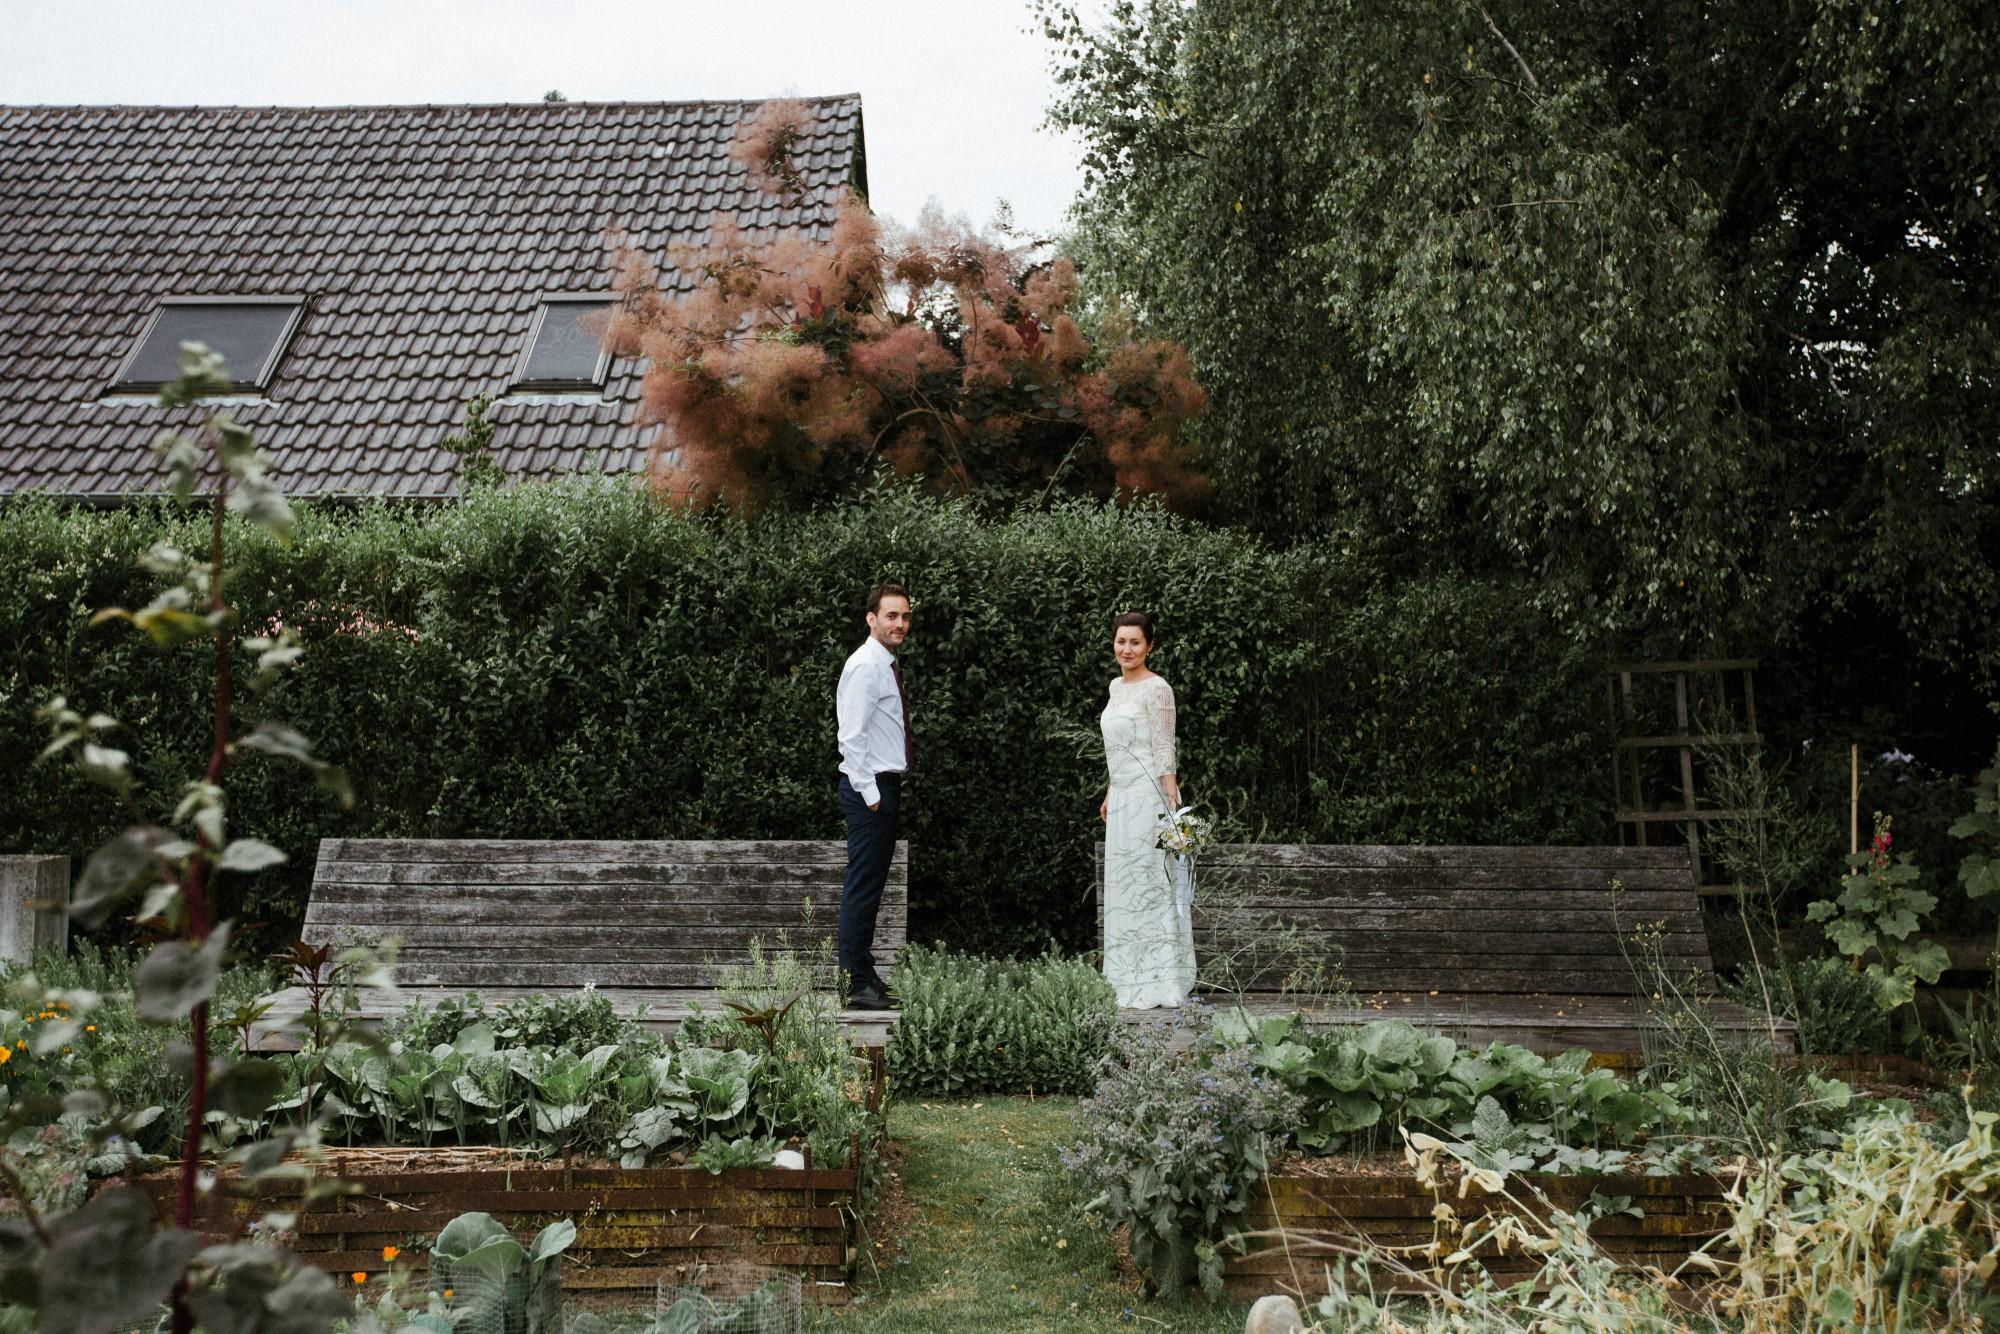 mariage-jardin-potager